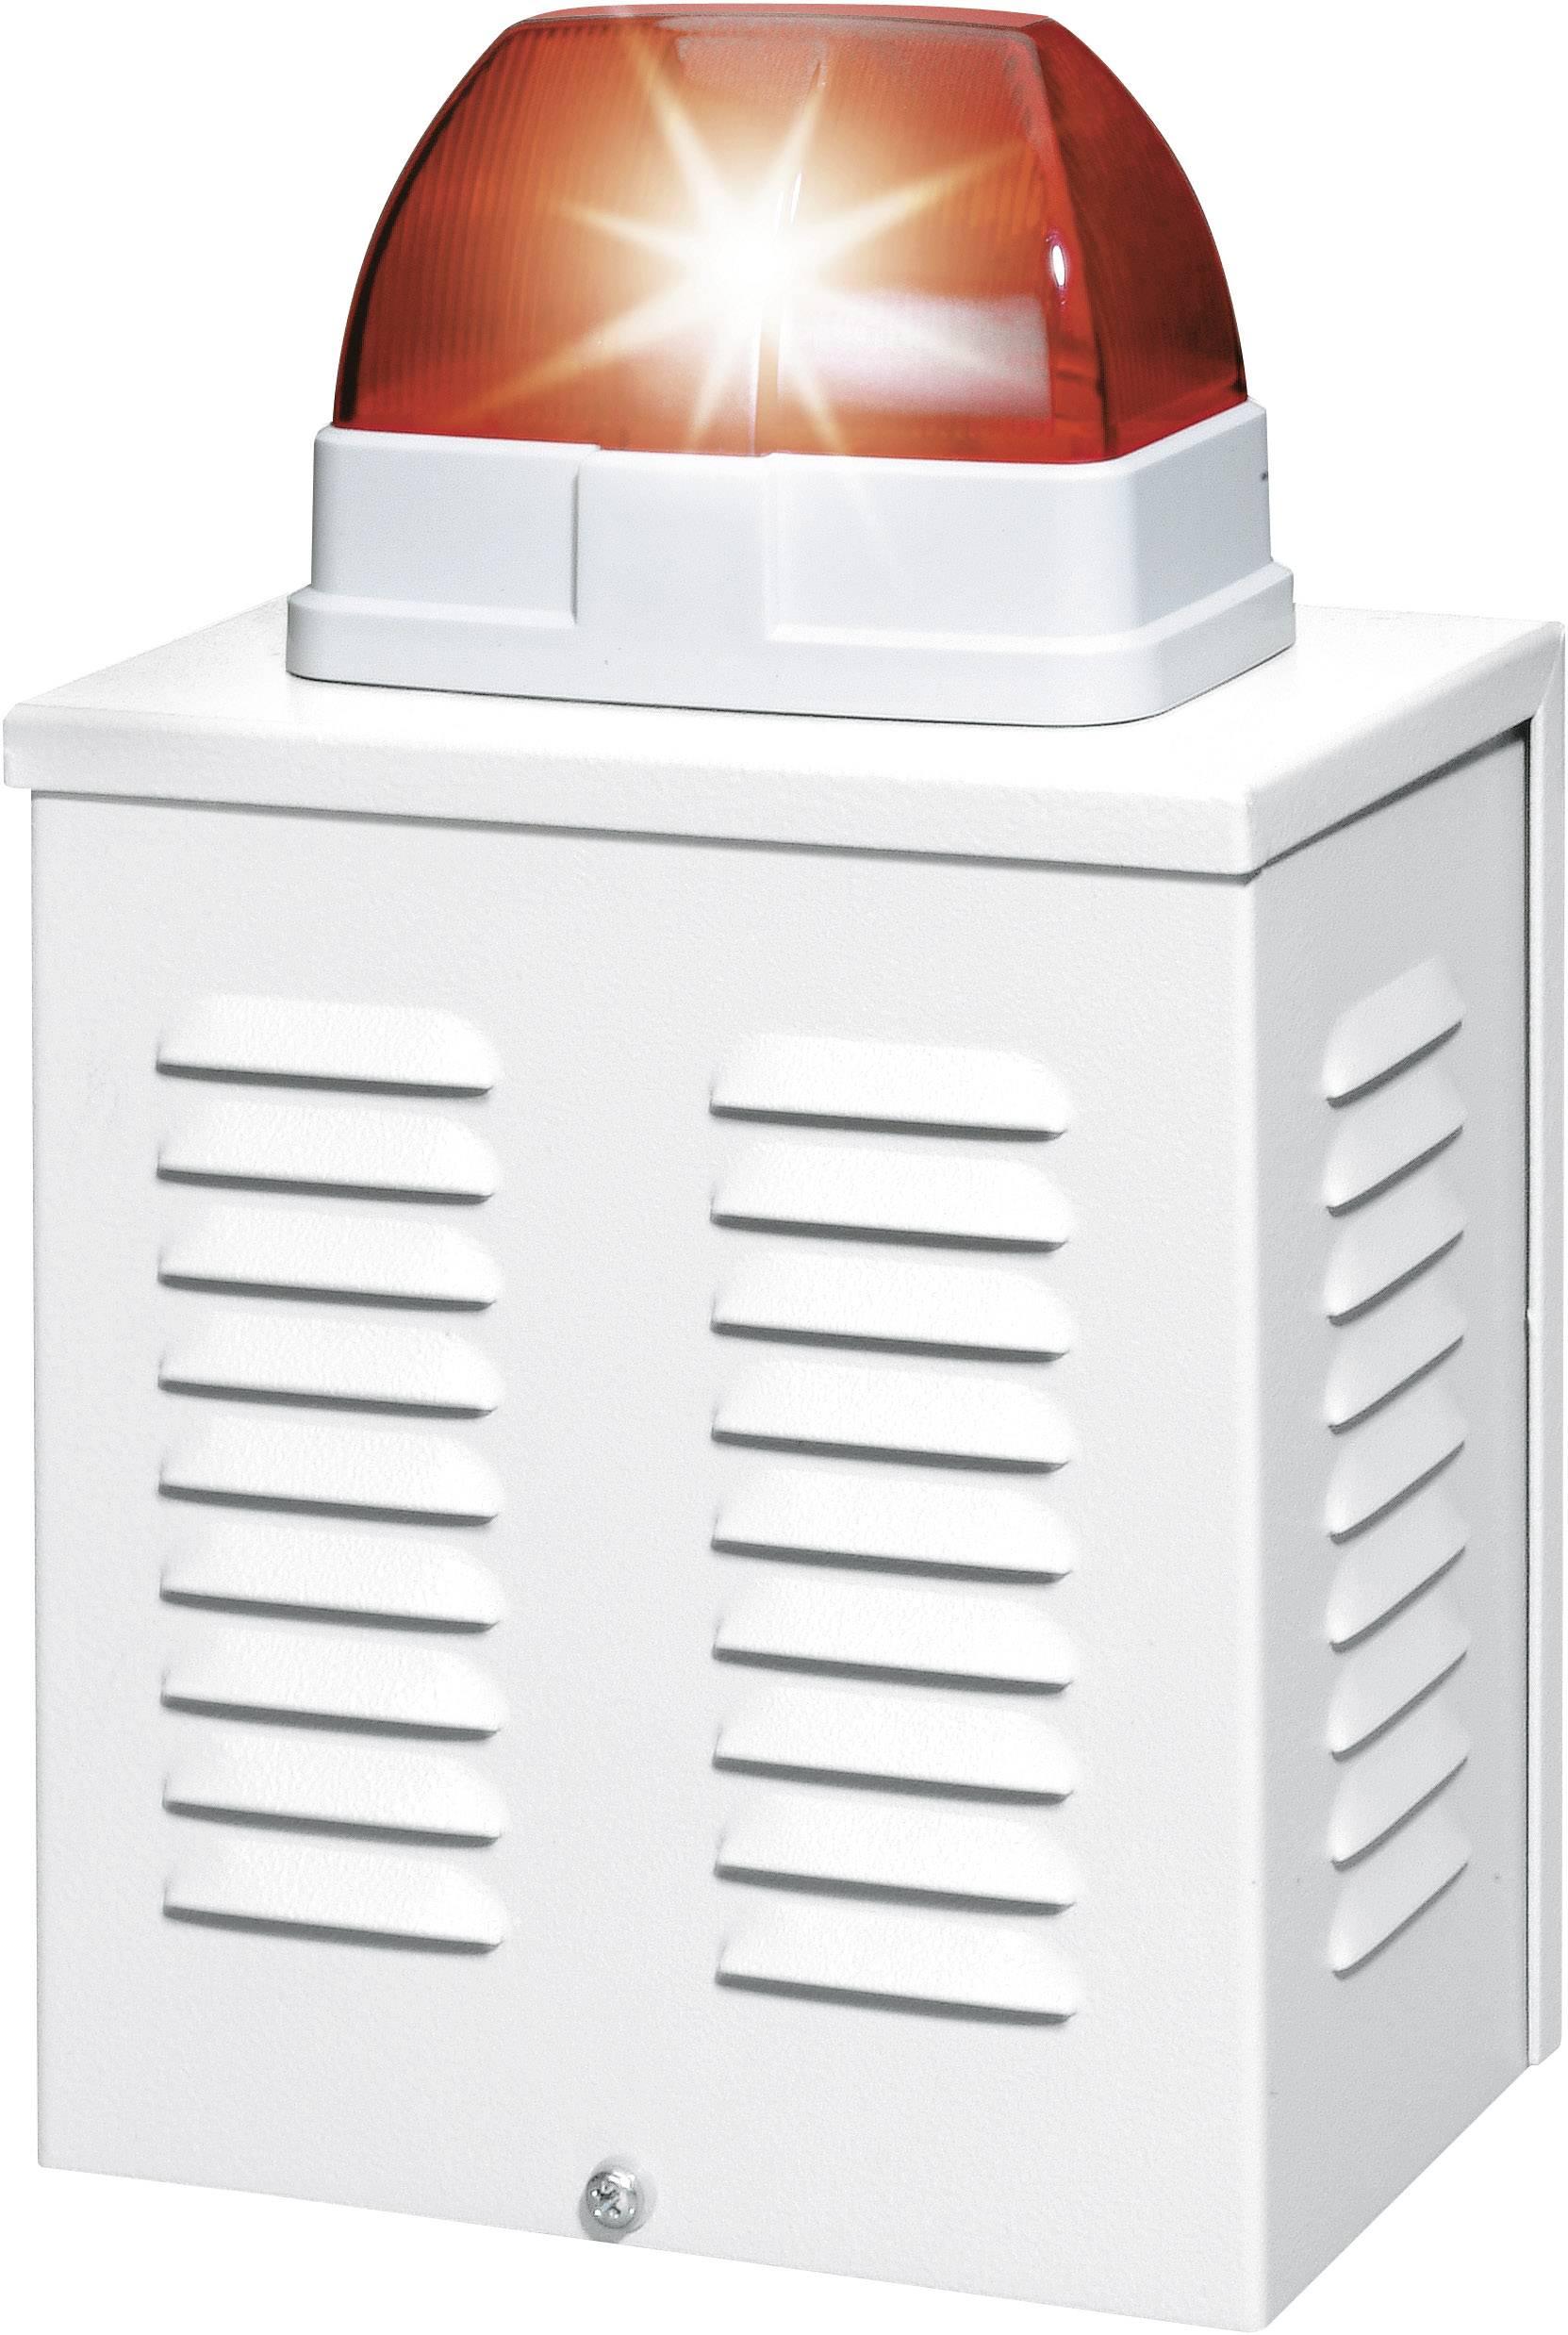 Siréna s optickou signalizací Abus, SG1650, 110 dB, IP34